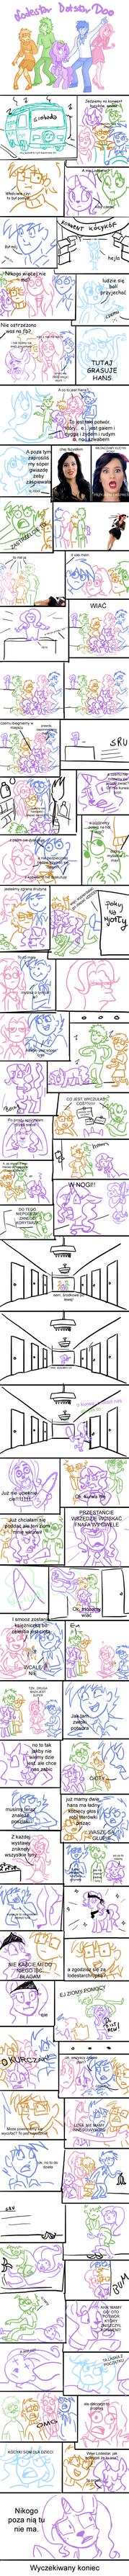 Magiczny Komiks-Scooby Dooby Doo by kurwakolejnekonto